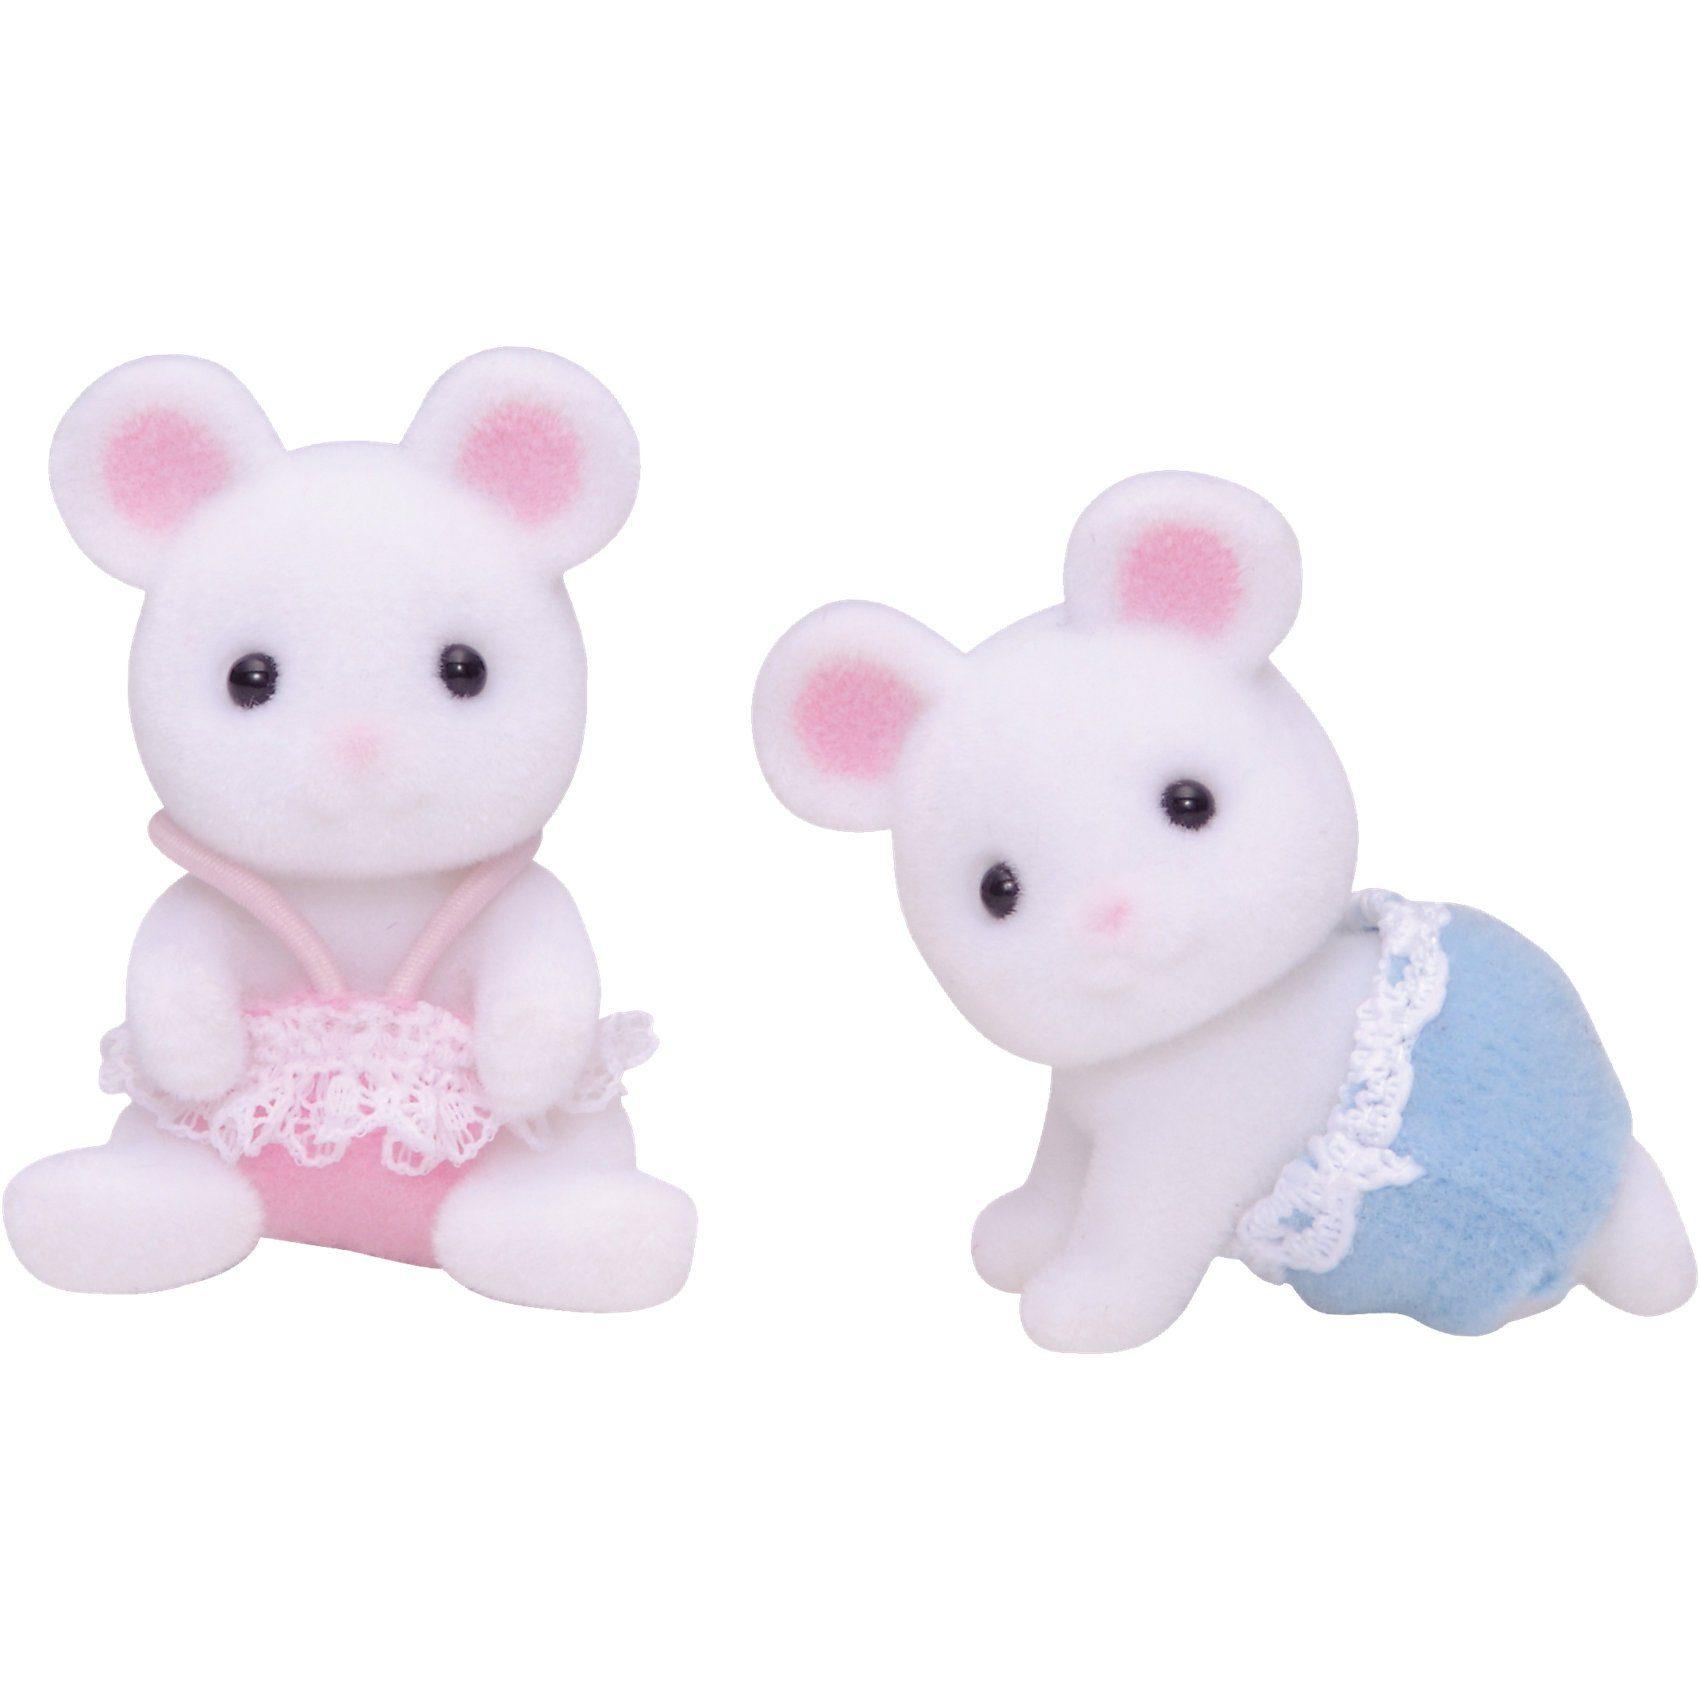 Epoch Traumwiesen Sylvanian Families Weiße Mäuse Zwillinge